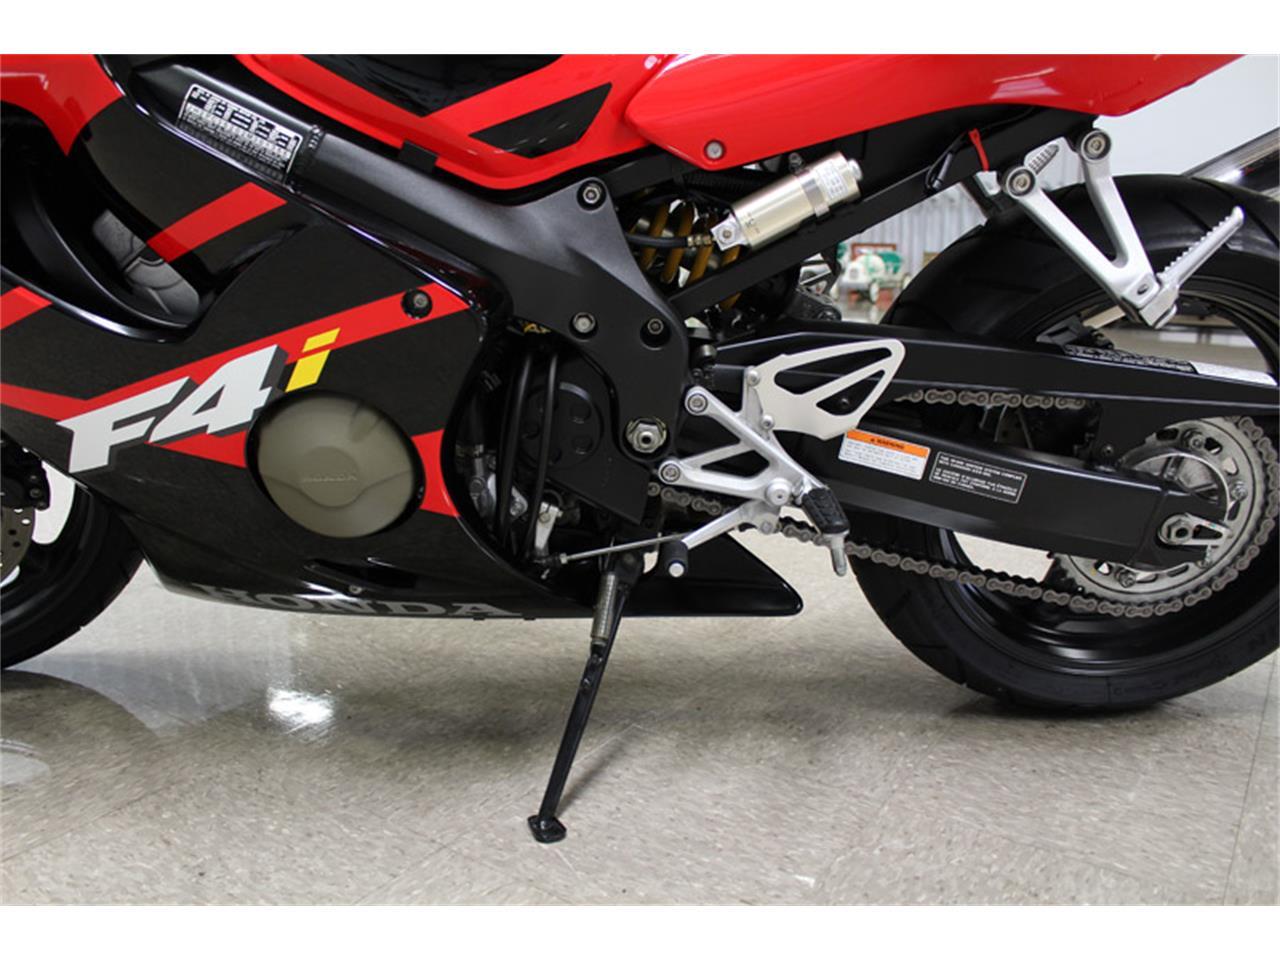 For Sale: 2002 Honda CBR 600 F4i in Seekonk, Massachusetts